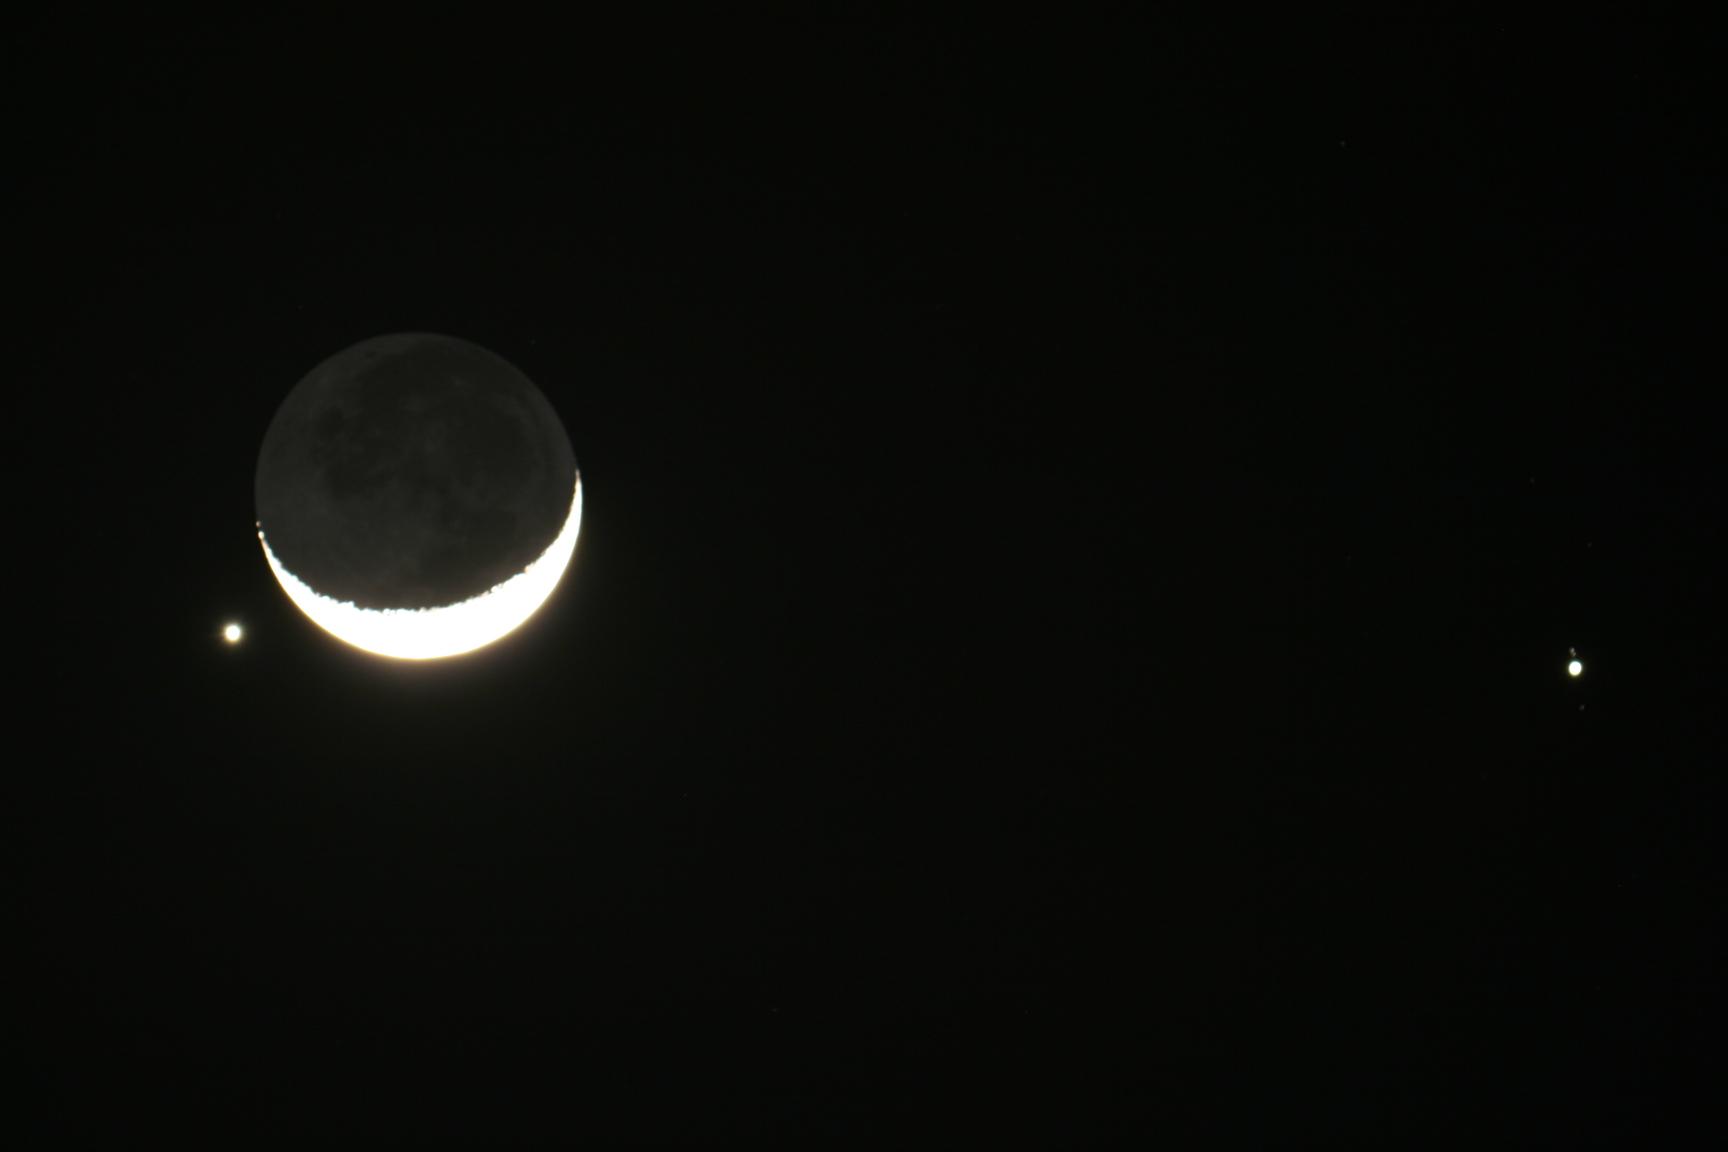 Un venerdì a guardare le stelle all'Osservatorio astronomico di Montarrenti